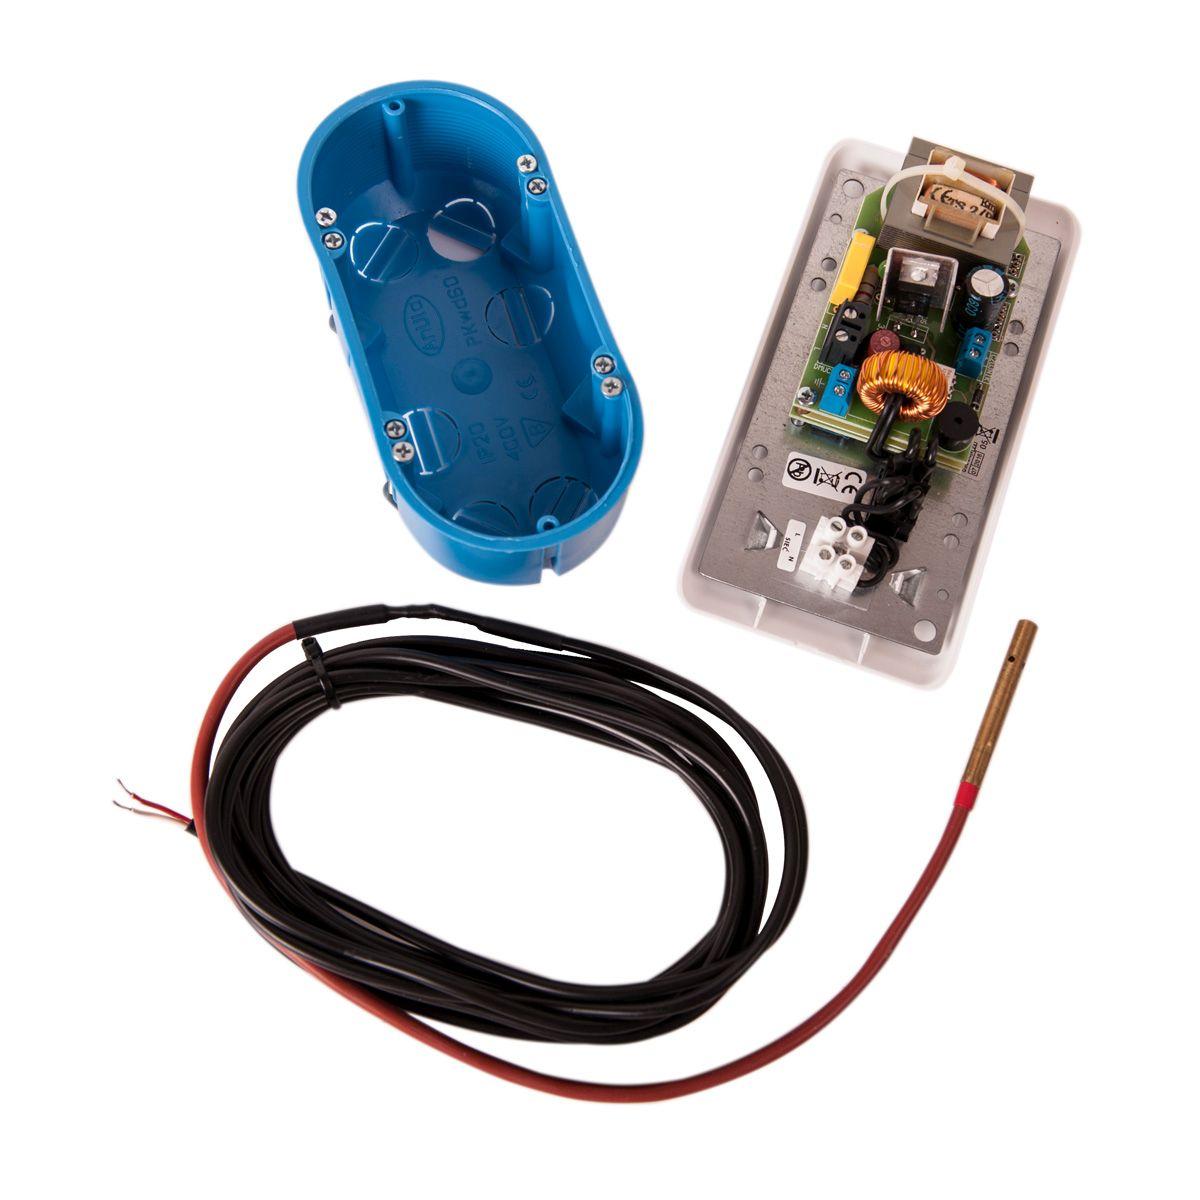 Regulátor otáček ventilátoru RT-03C ARO bílý s teplotním čidlem